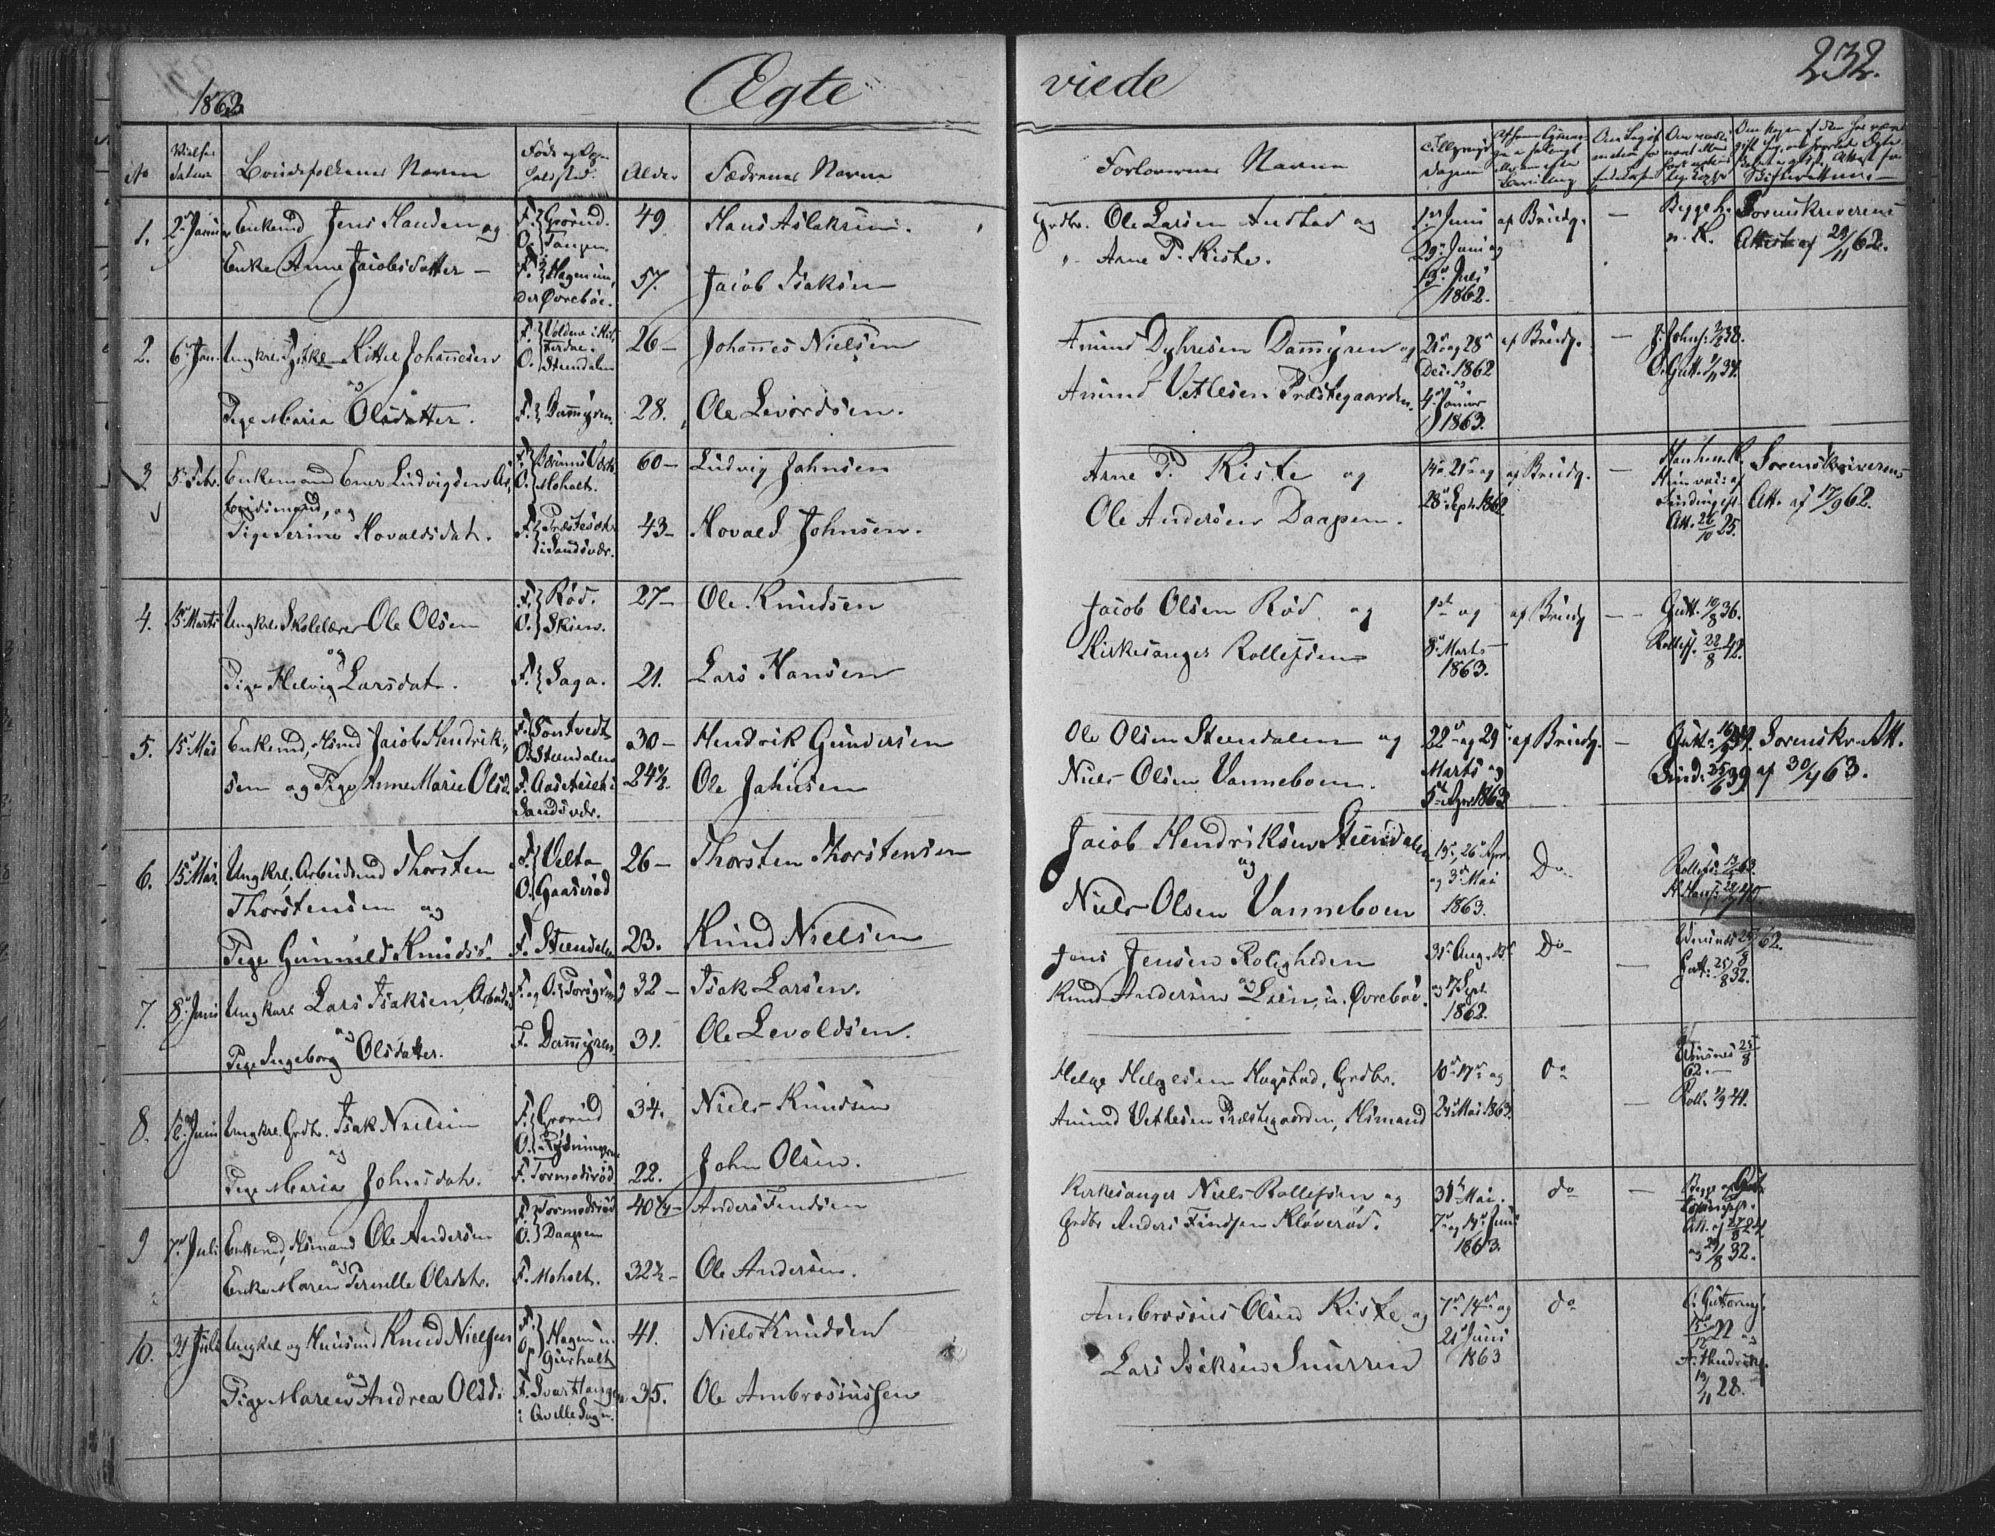 SAKO, Siljan kirkebøker, F/Fa/L0001: Ministerialbok nr. 1, 1831-1870, s. 232